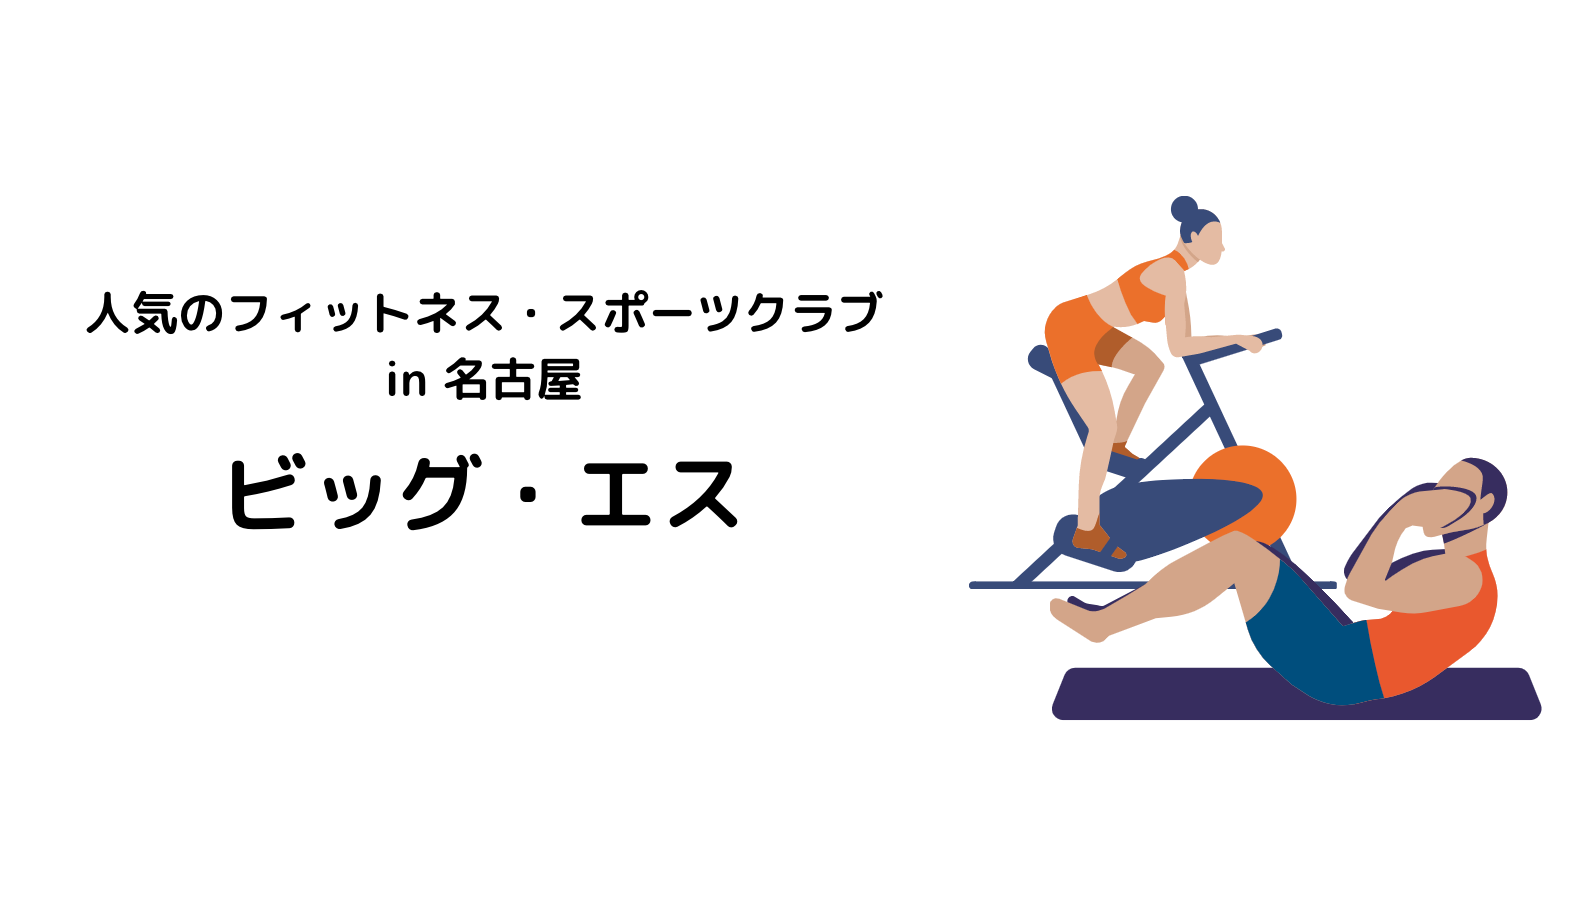 名古屋_ジム_フィットネスジム_スポーツジム_フィットネスクラブ_スポーツクラブ_おすすめ_人気_ランキング_ビッグ・エス